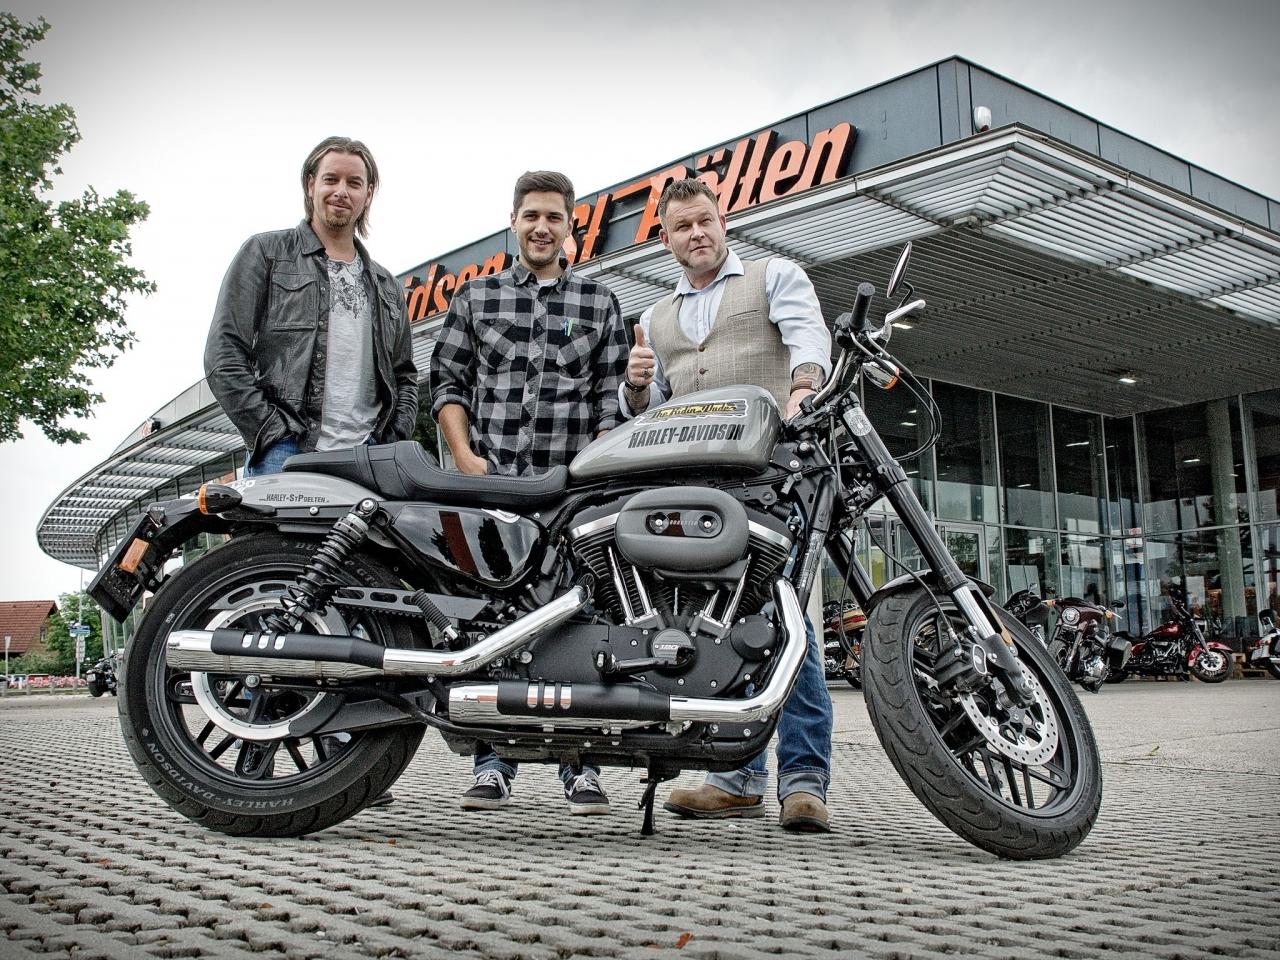 Harley Roadster für die Dudes 16.06.2018